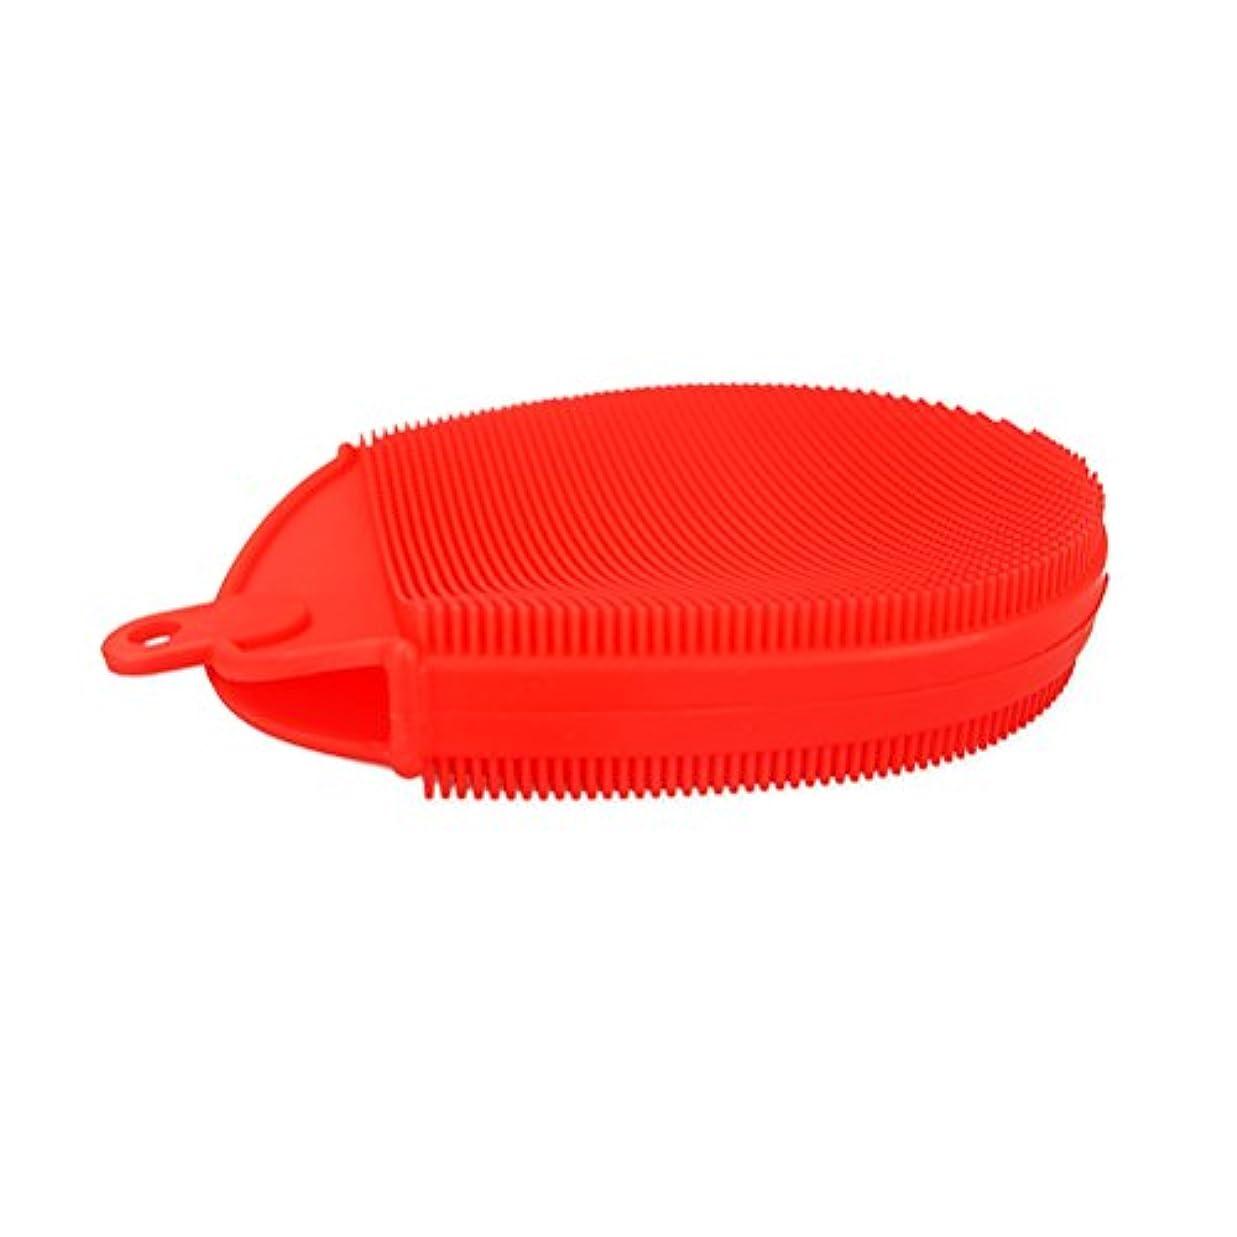 中絶熟した魂OUNONA ボディブラシ シリコン製 角質除去 体マッサージ お風呂体ブラシ(赤)